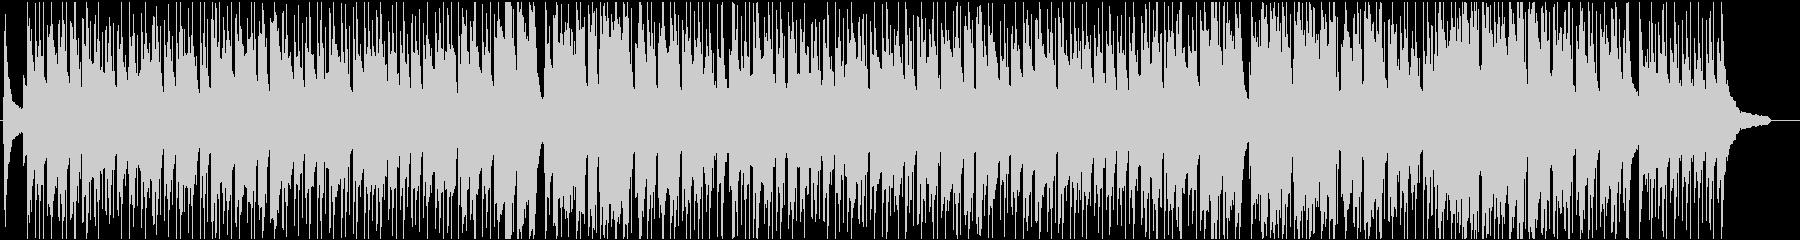 三拍子のピアノが印象的なR&Bの未再生の波形